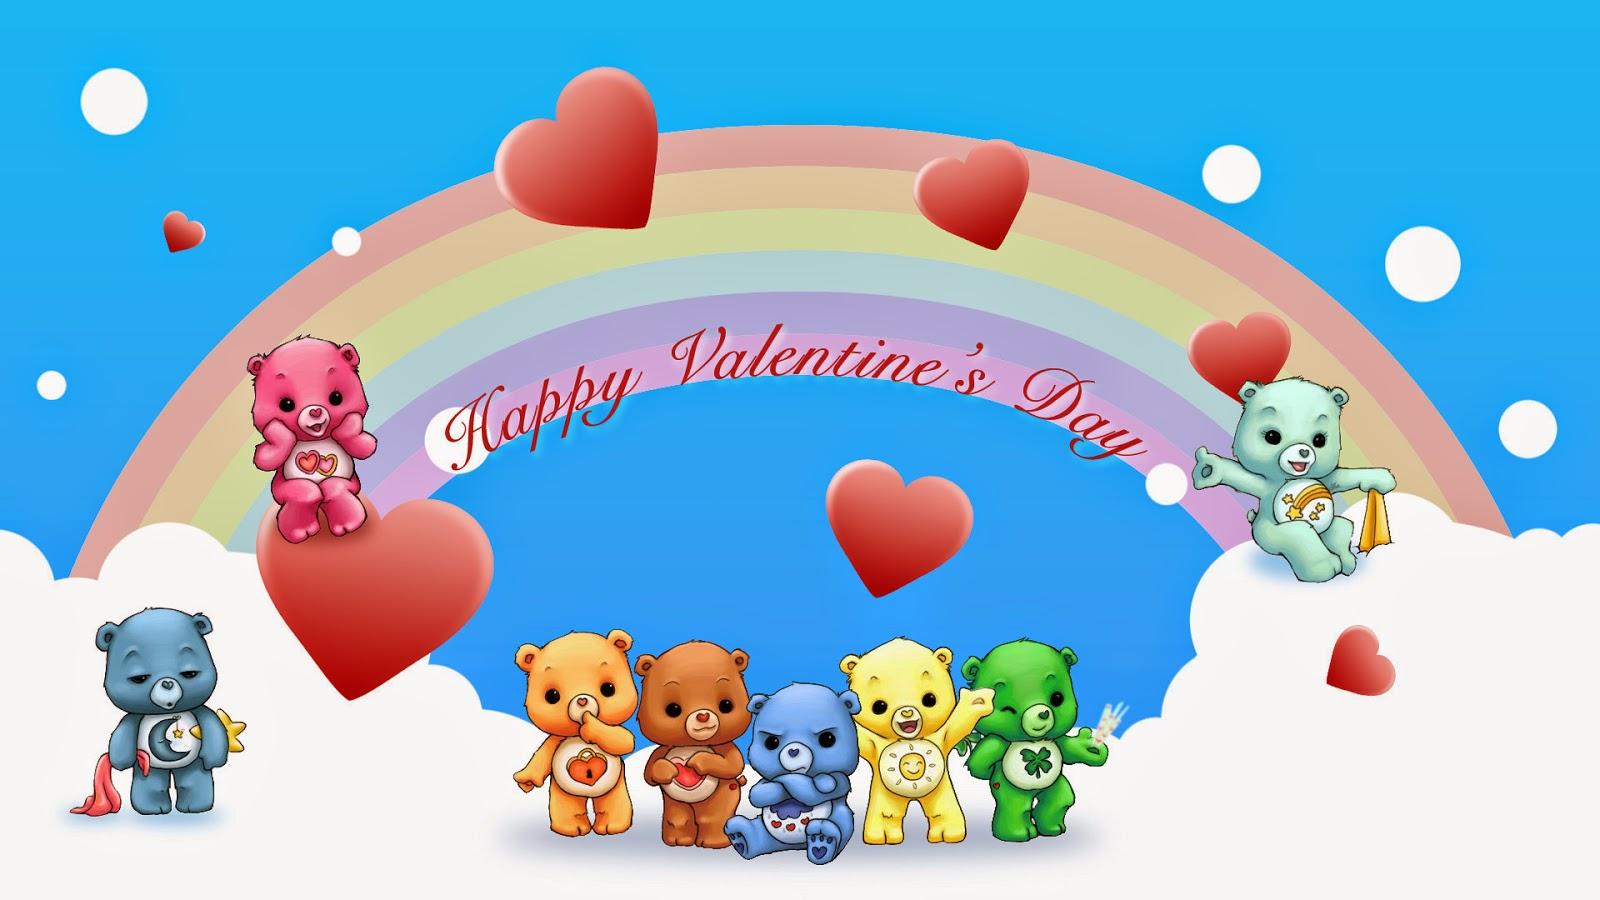 hinh-valentine-dep-ngay-le-tinh-nhan-hinh-tinh-yeu-lang-mang-12